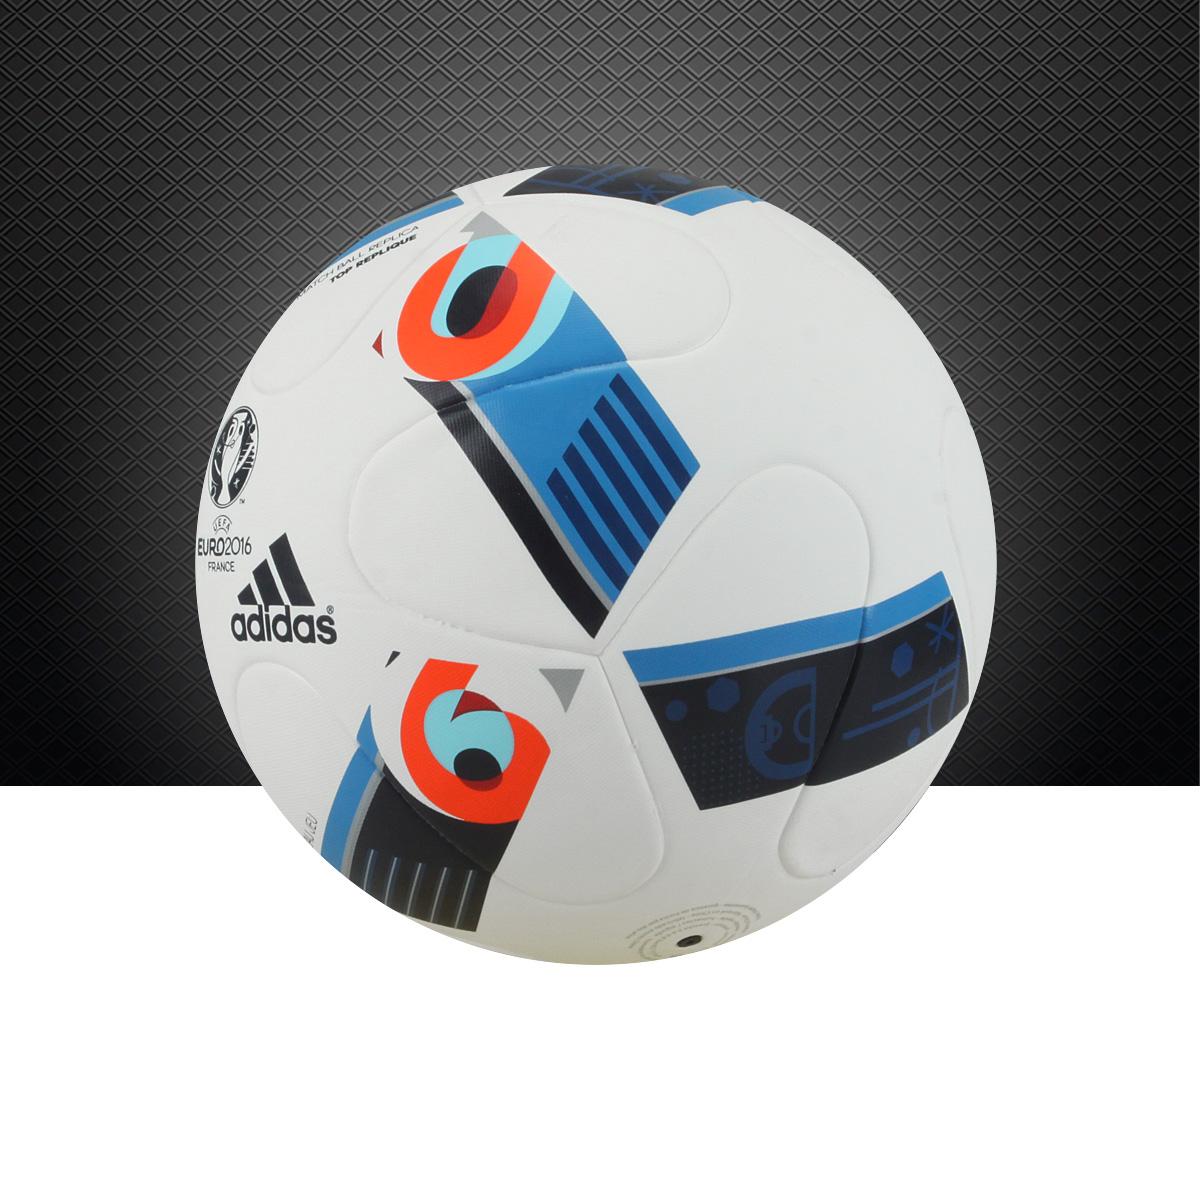 Футбольный мяч Adidas ac5450 2016, купить в интернет магазине Nazya.com